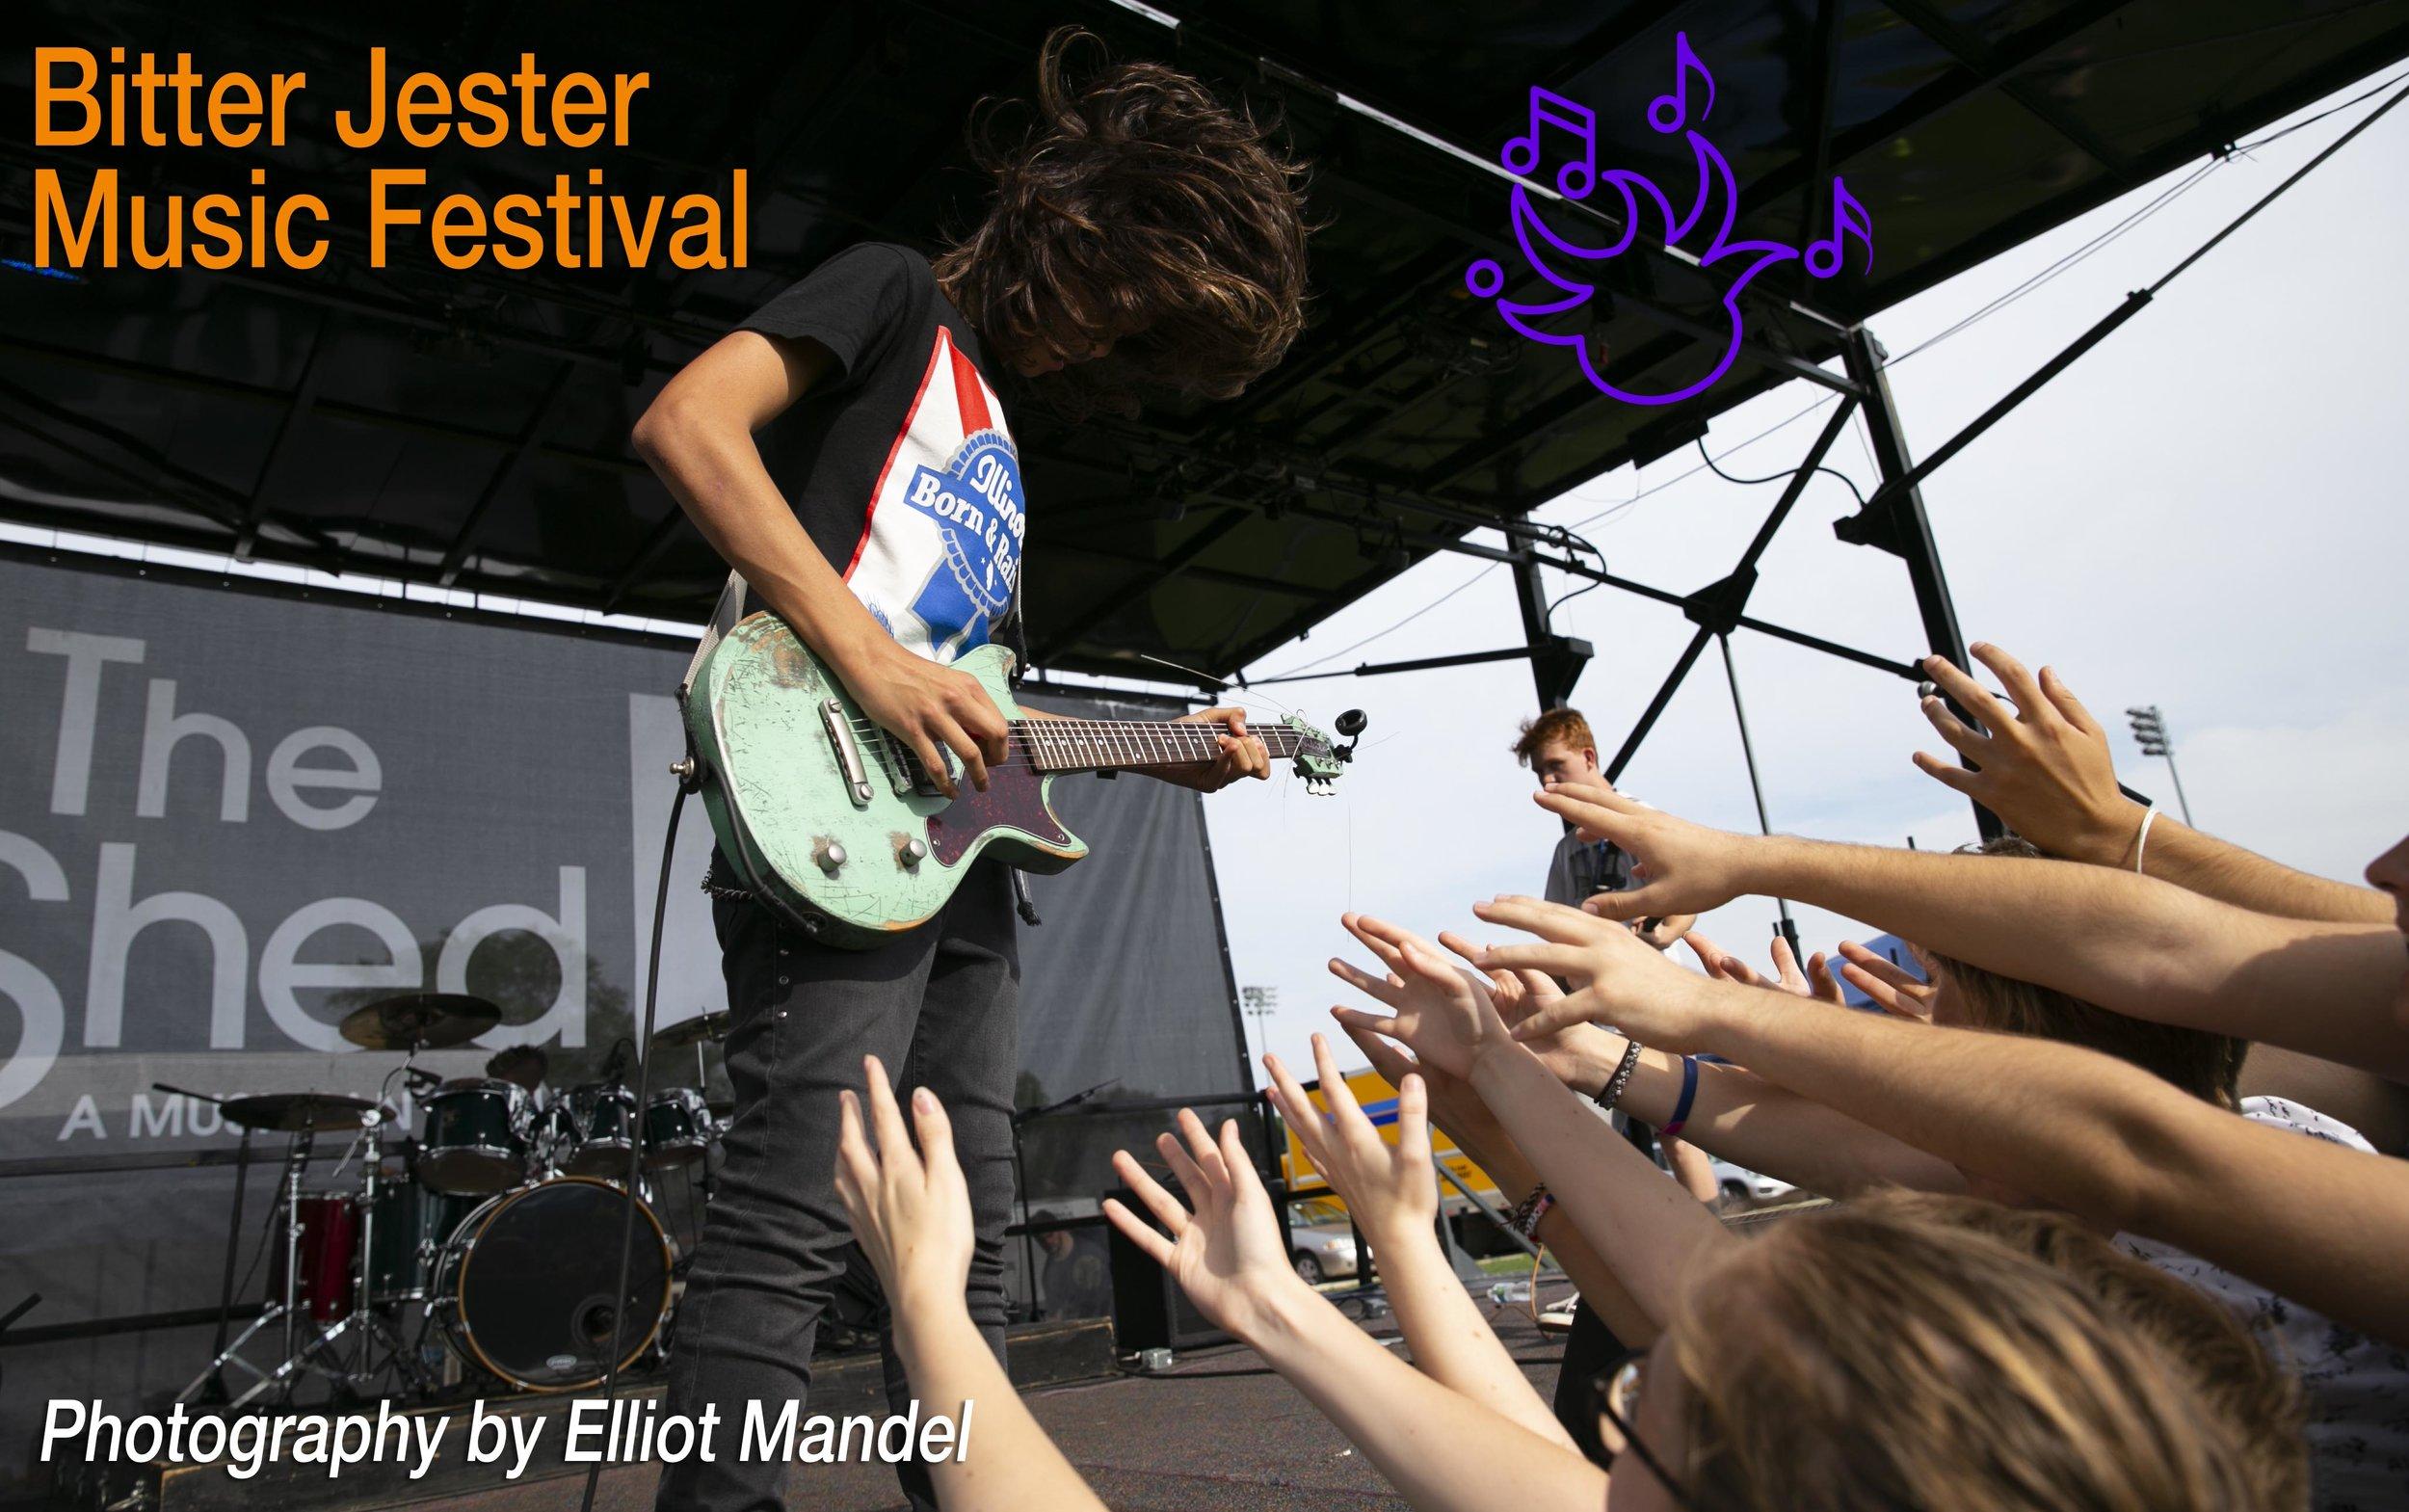 Bitter-Jester-Music-Fest_ElliotMandel-79.jpg